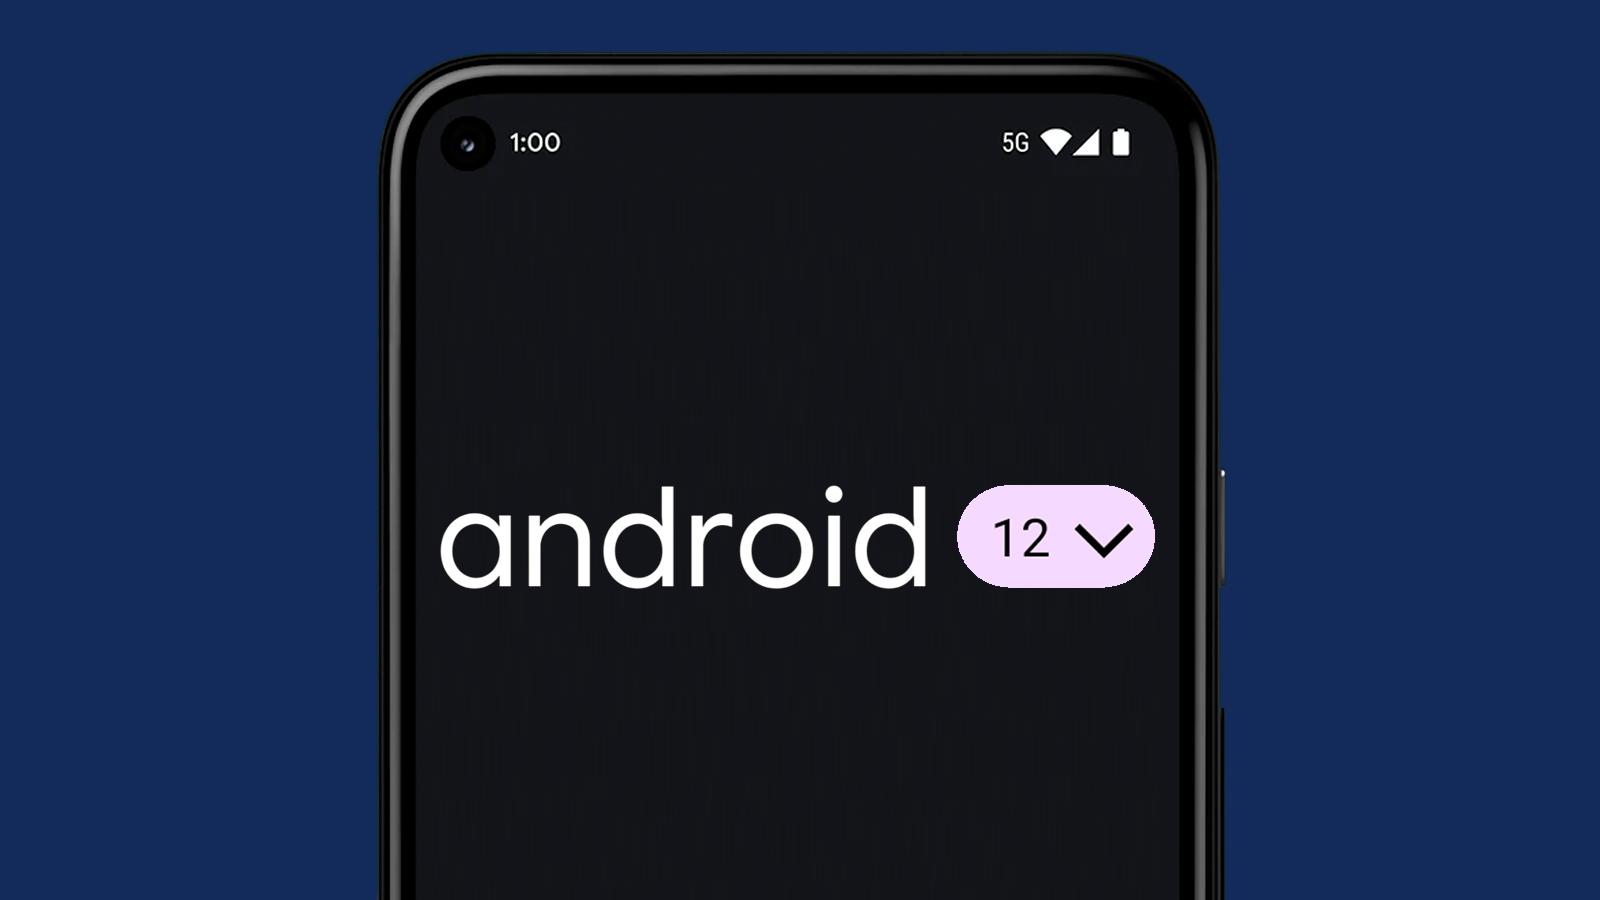 يقترح تسريب Android 12 تعديلات على إشعارات النظام والأدوات والمزيد 1